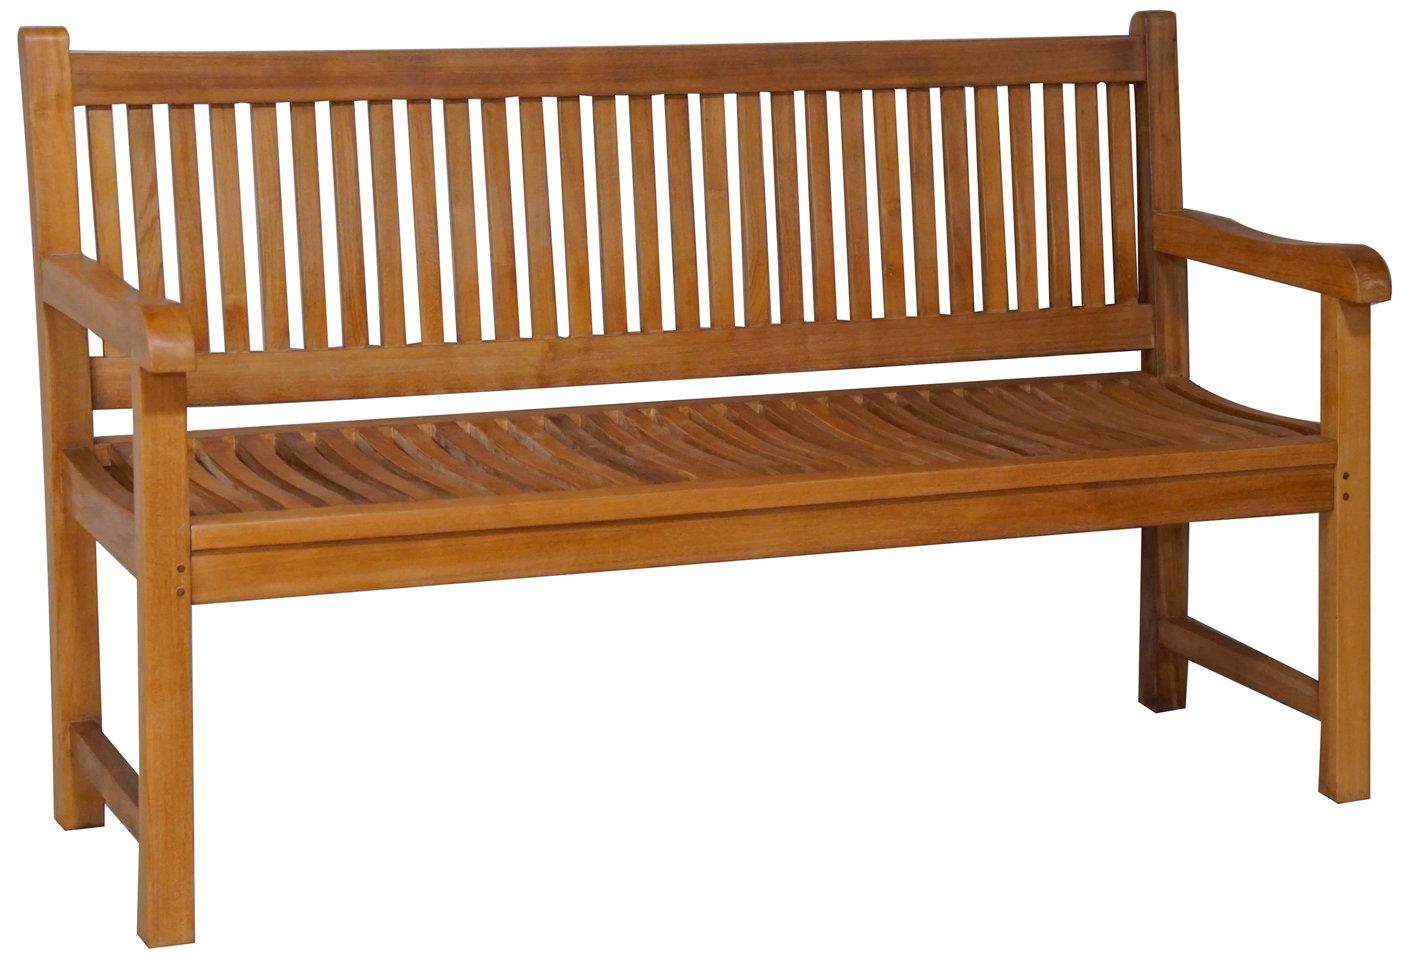 teak outdoor bench. Teak Outdoor Bench 5